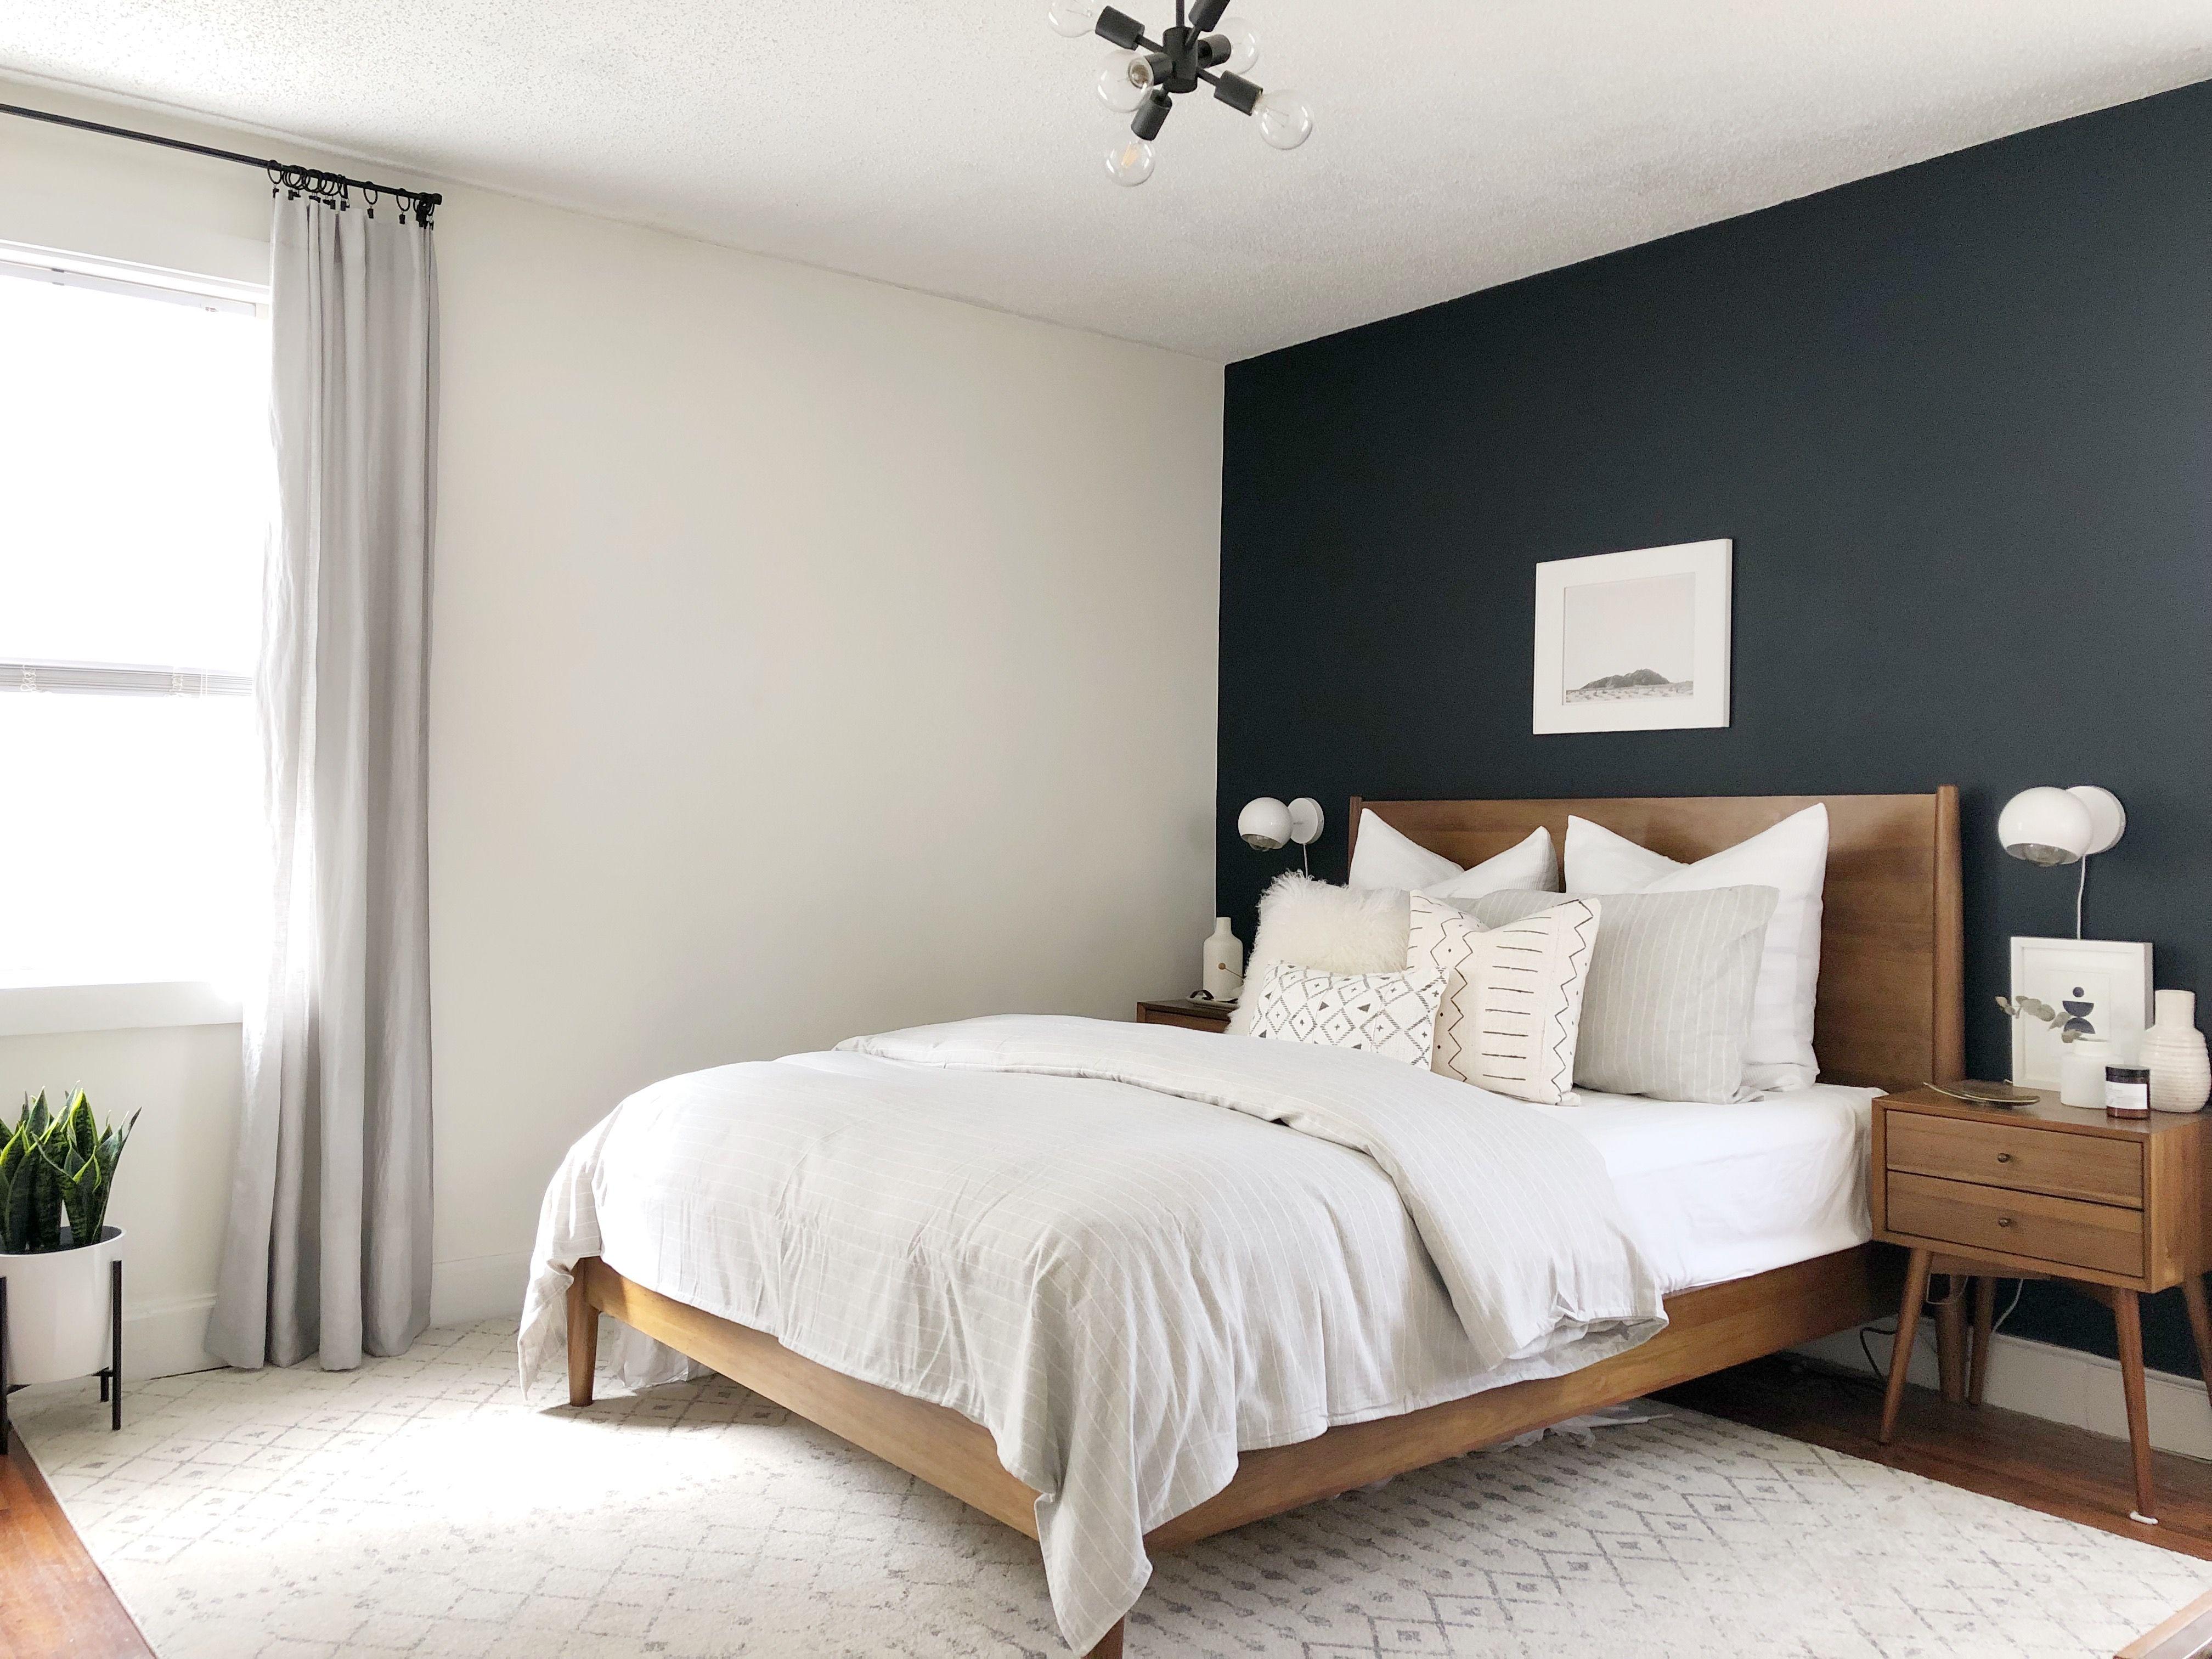 Neues schlafzimmer interieur pin von anna baur auf zukünftige projekte in   pinterest